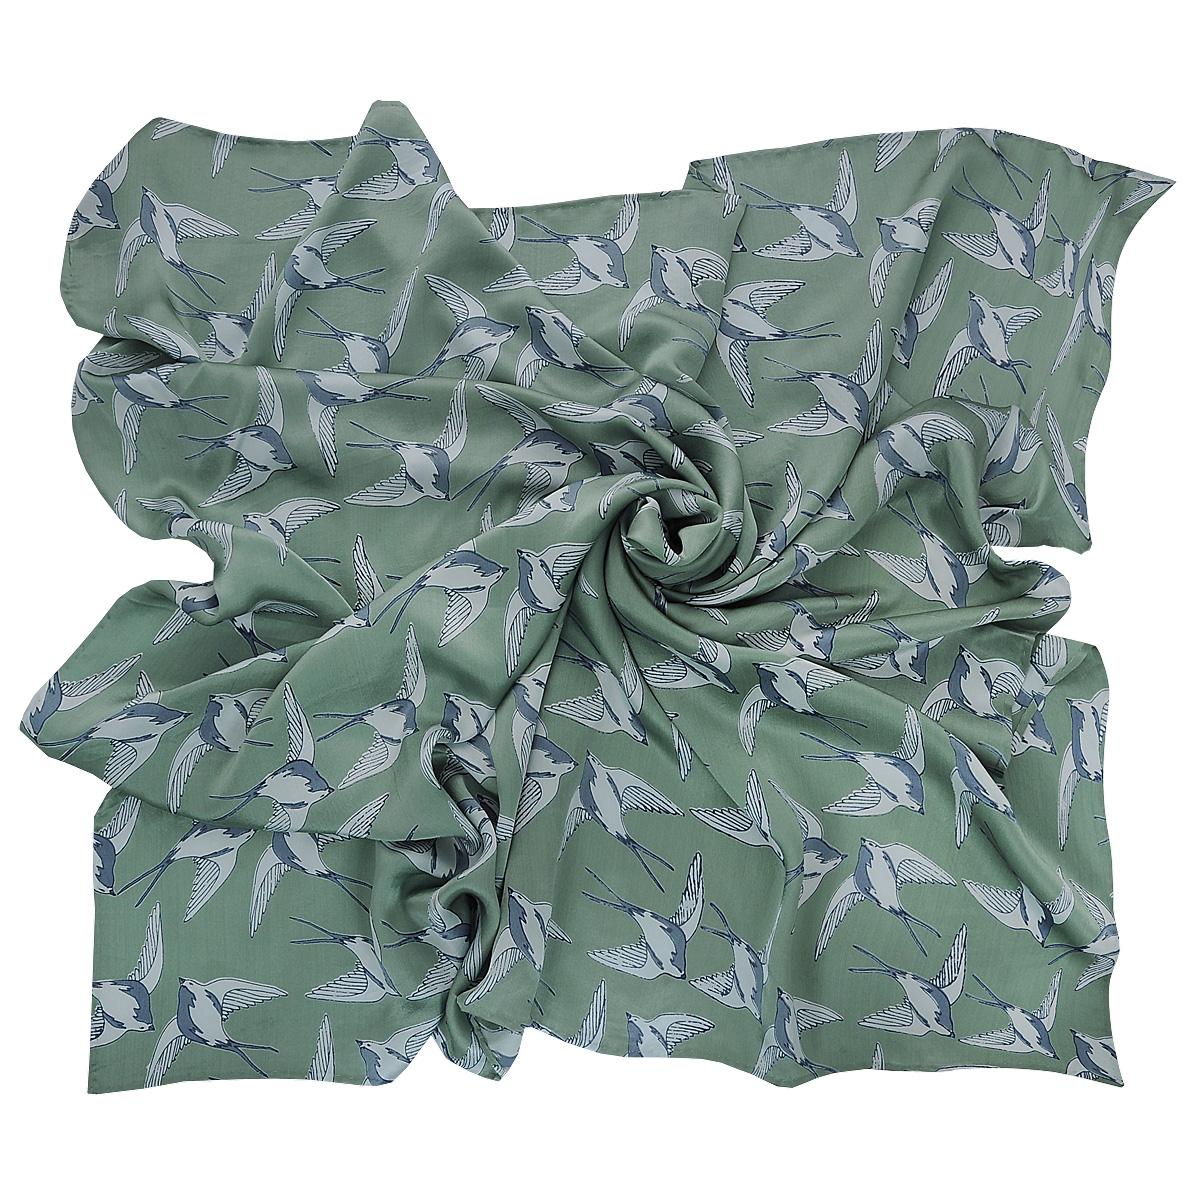 Платок Michel Katana, цвет: фисташковый, серый. SS-DOVE. Размер 110 см x 110 смSS-DOVEЭлегантный шелковый платок Michel Katana станет изысканным нарядным аксессуаром, который призван подчеркнуть индивидуальность и очарование женщины.